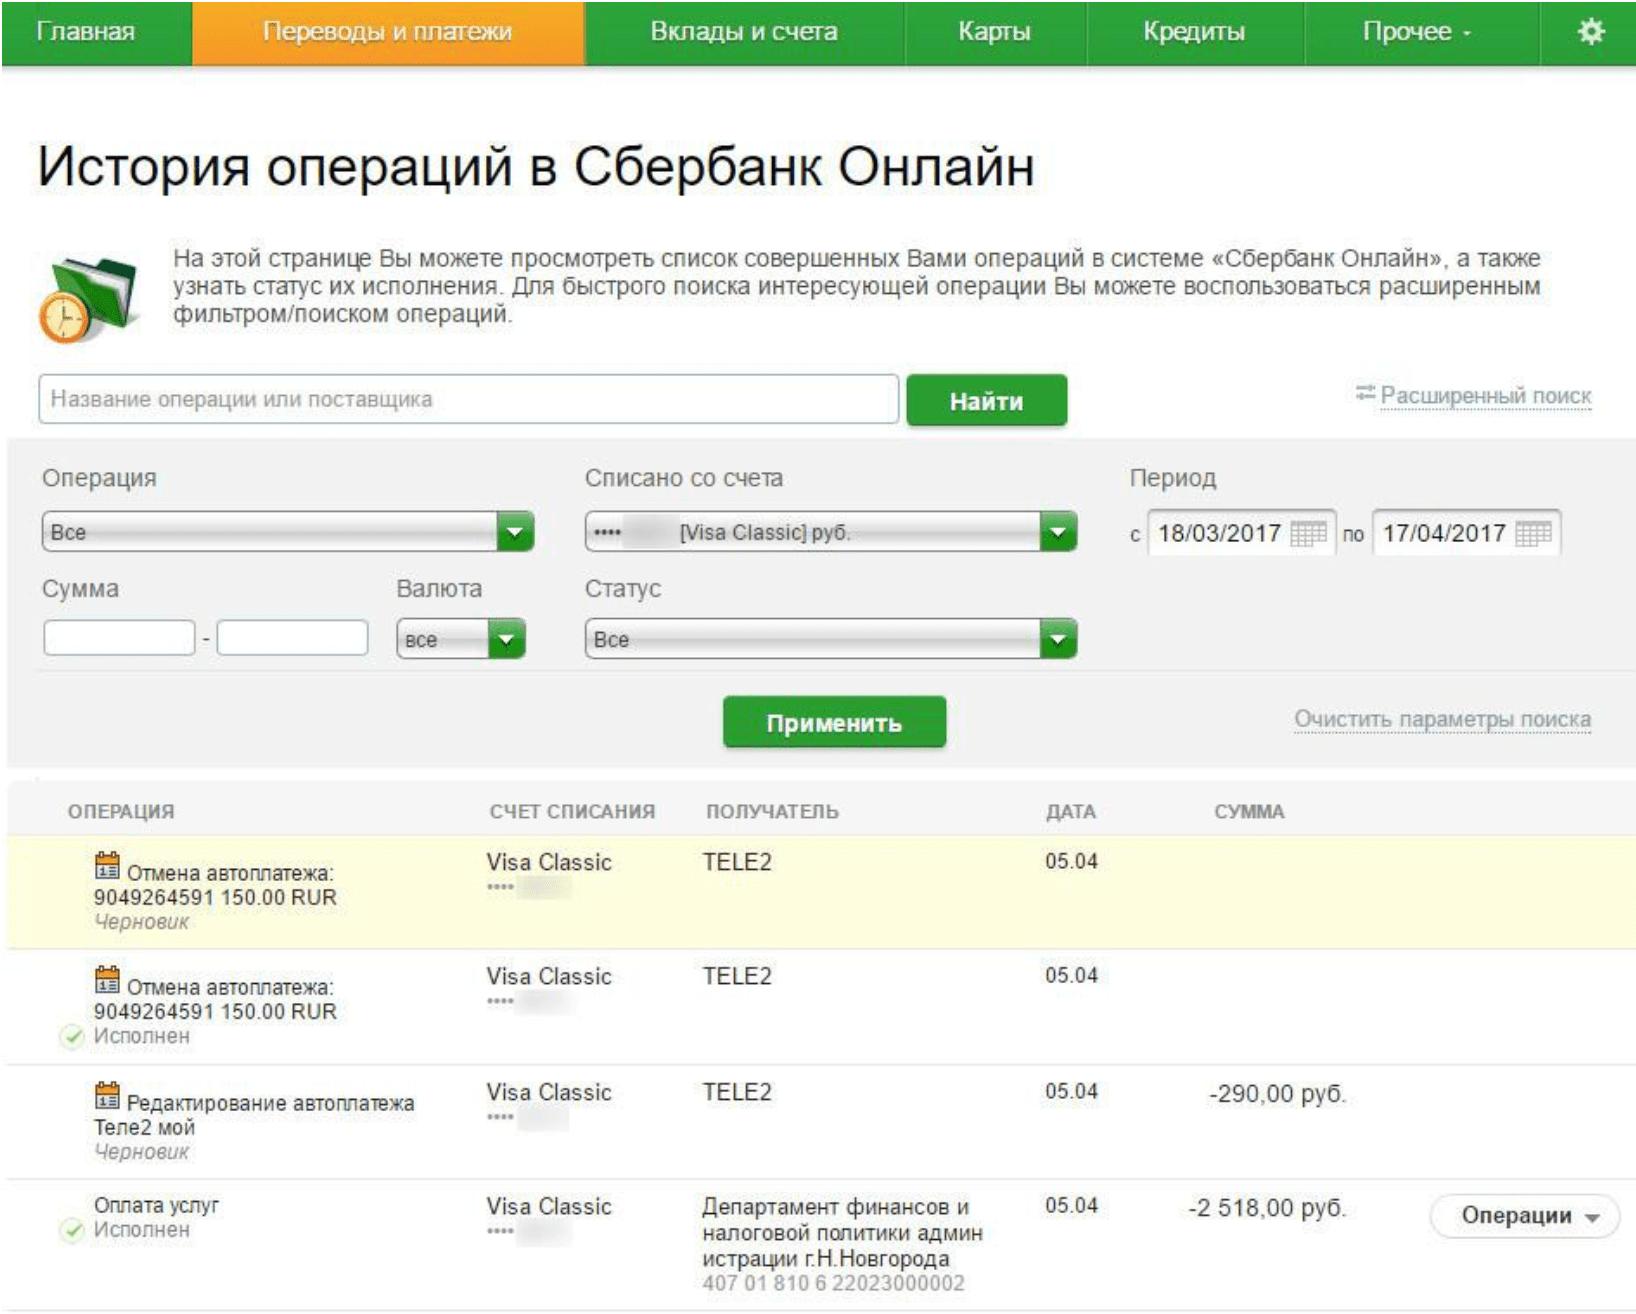 Получить выписку по счету сбербанк бизнес онлайн